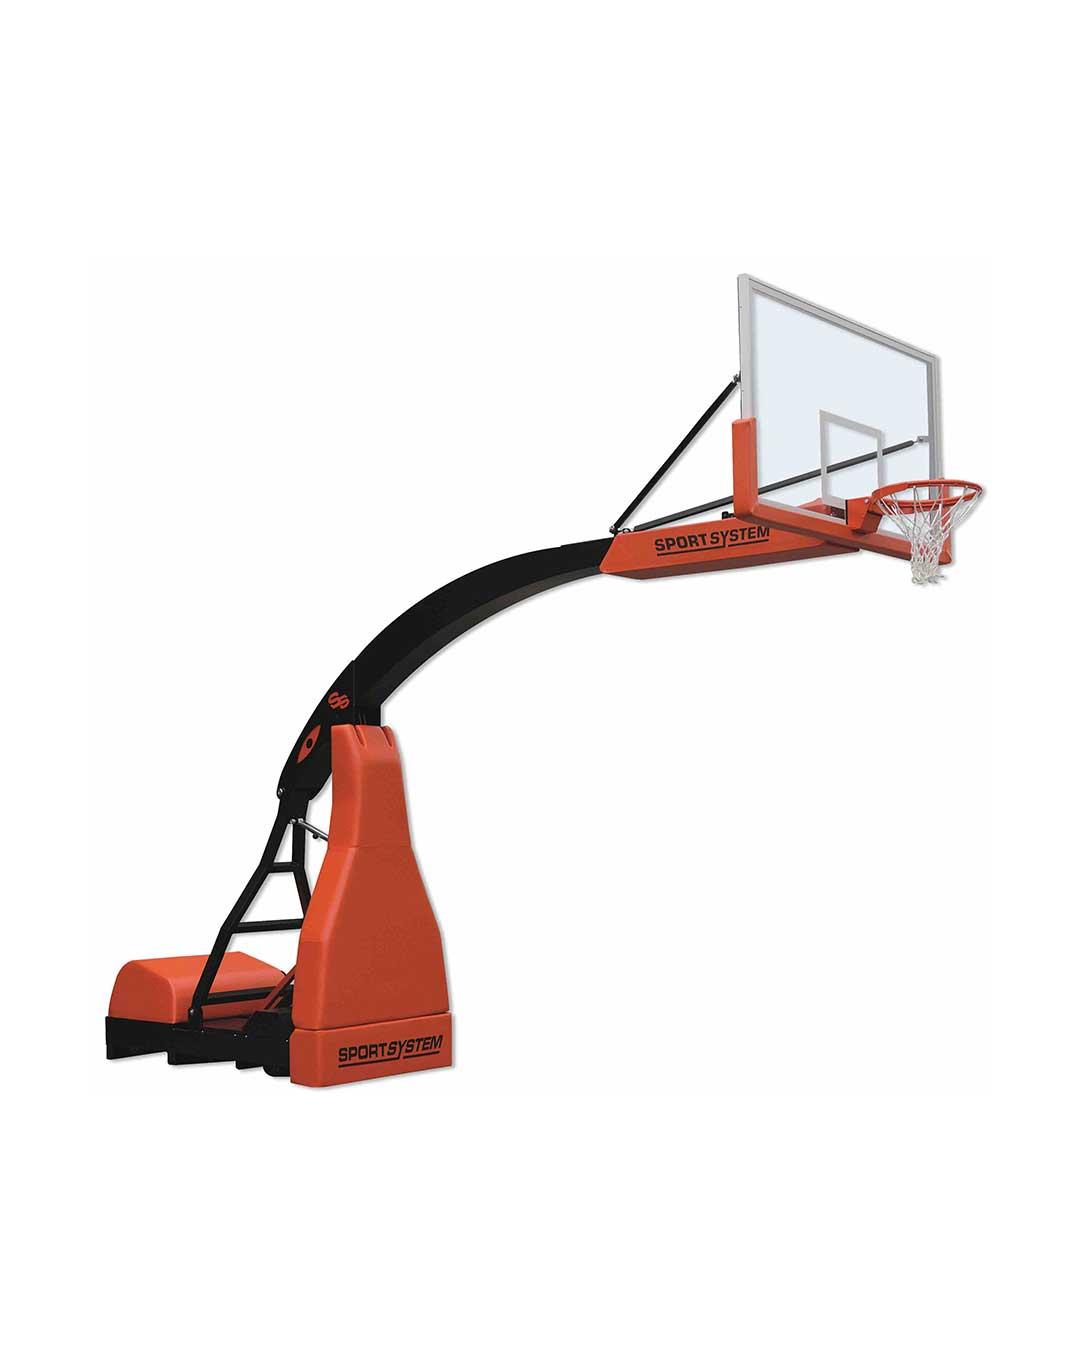 Jirafa (Tablero de básquetbol) competición FIBA nivel 1 - 325 cm de proyección